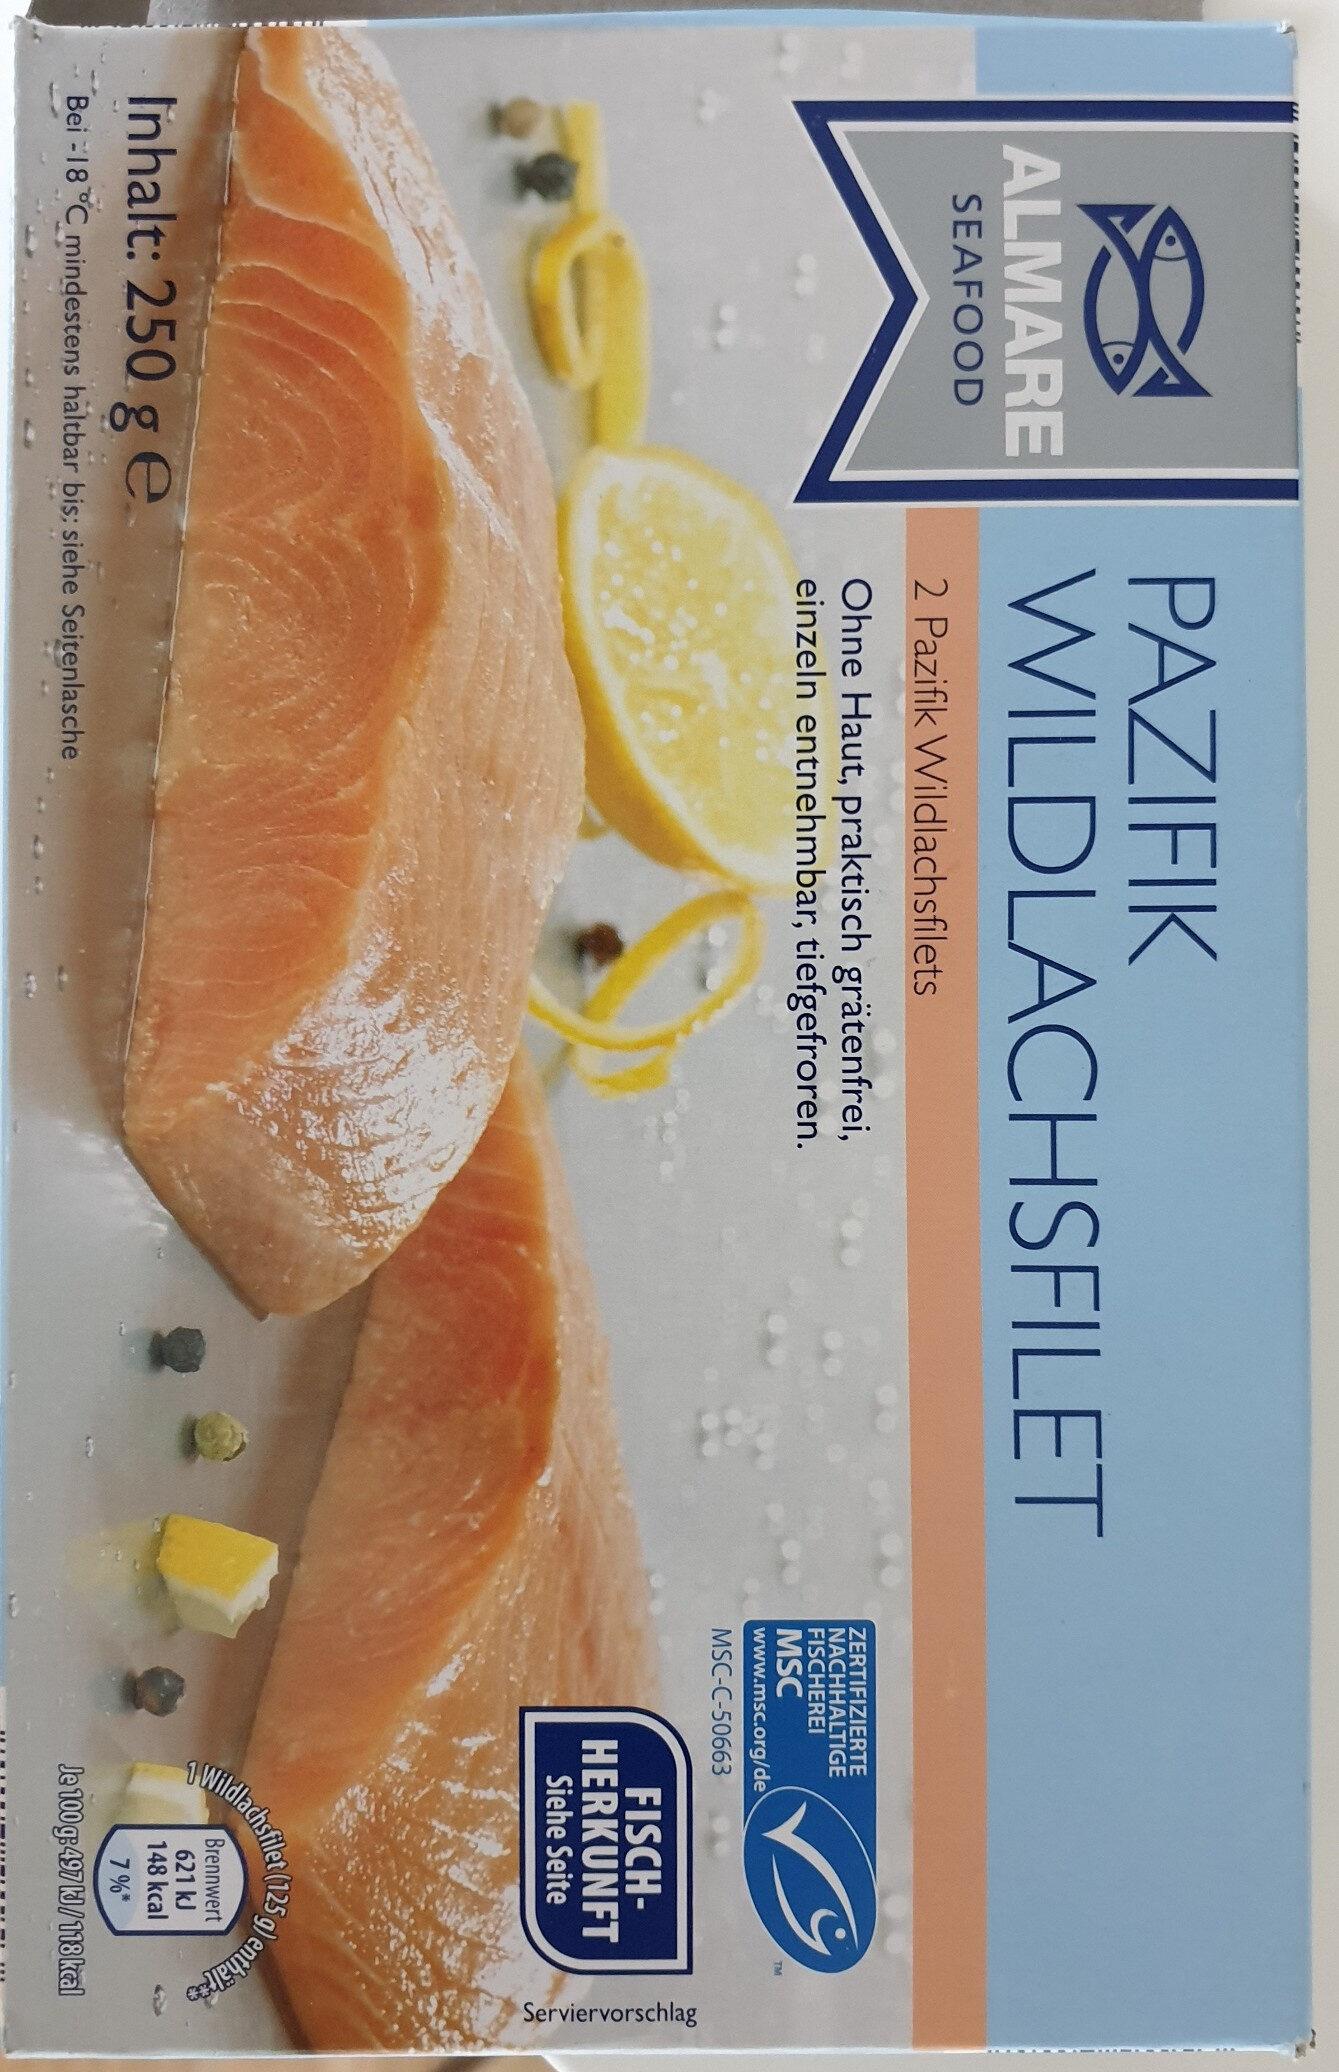 Pazifik Wildlachsfilet - Produkt - de